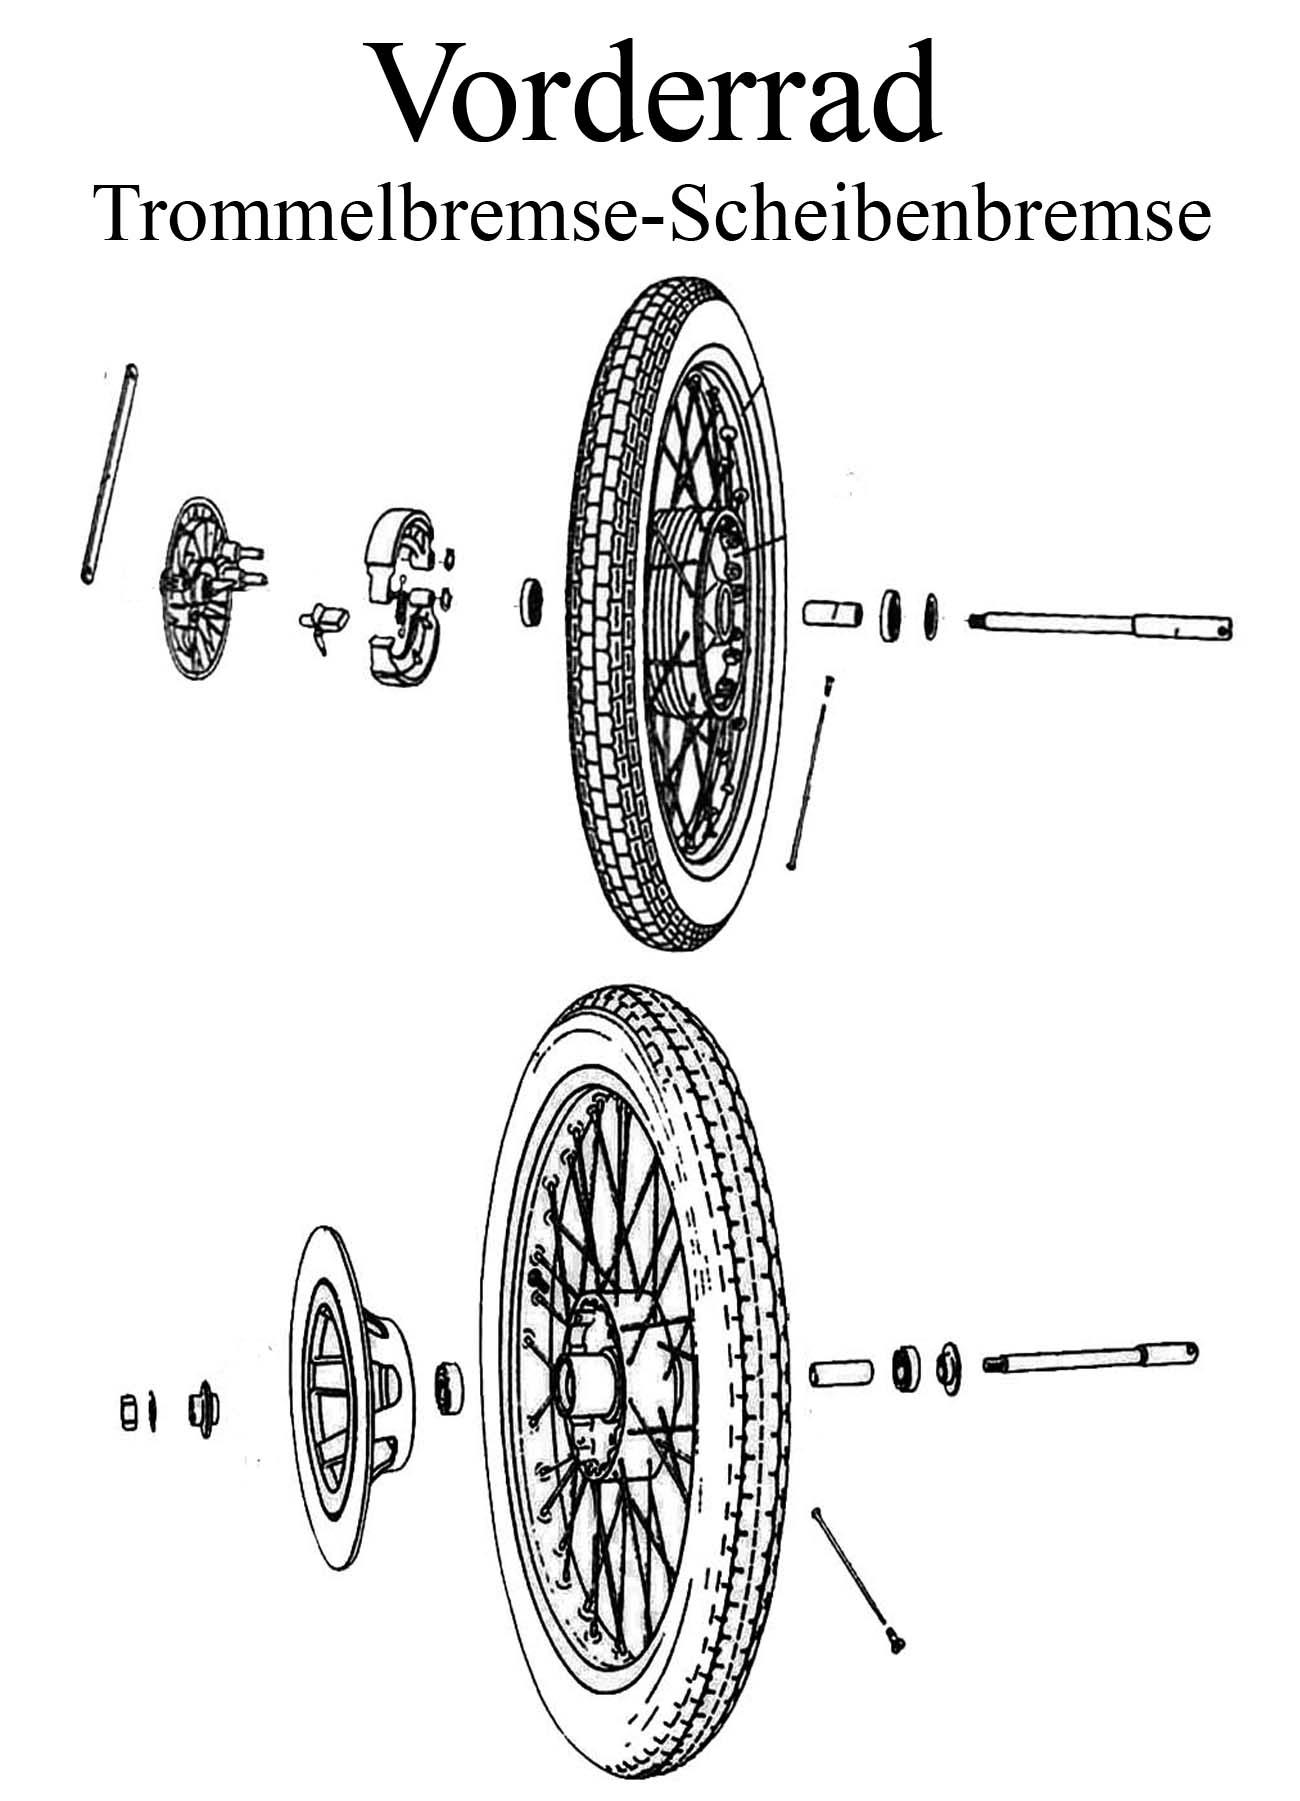 MZ ETZ 125-150 Ersatzteileliste Vorderrad Trommel-Scheibenbremse 18 Zoll Reifen Schlauch Felgenband Lager Speichen